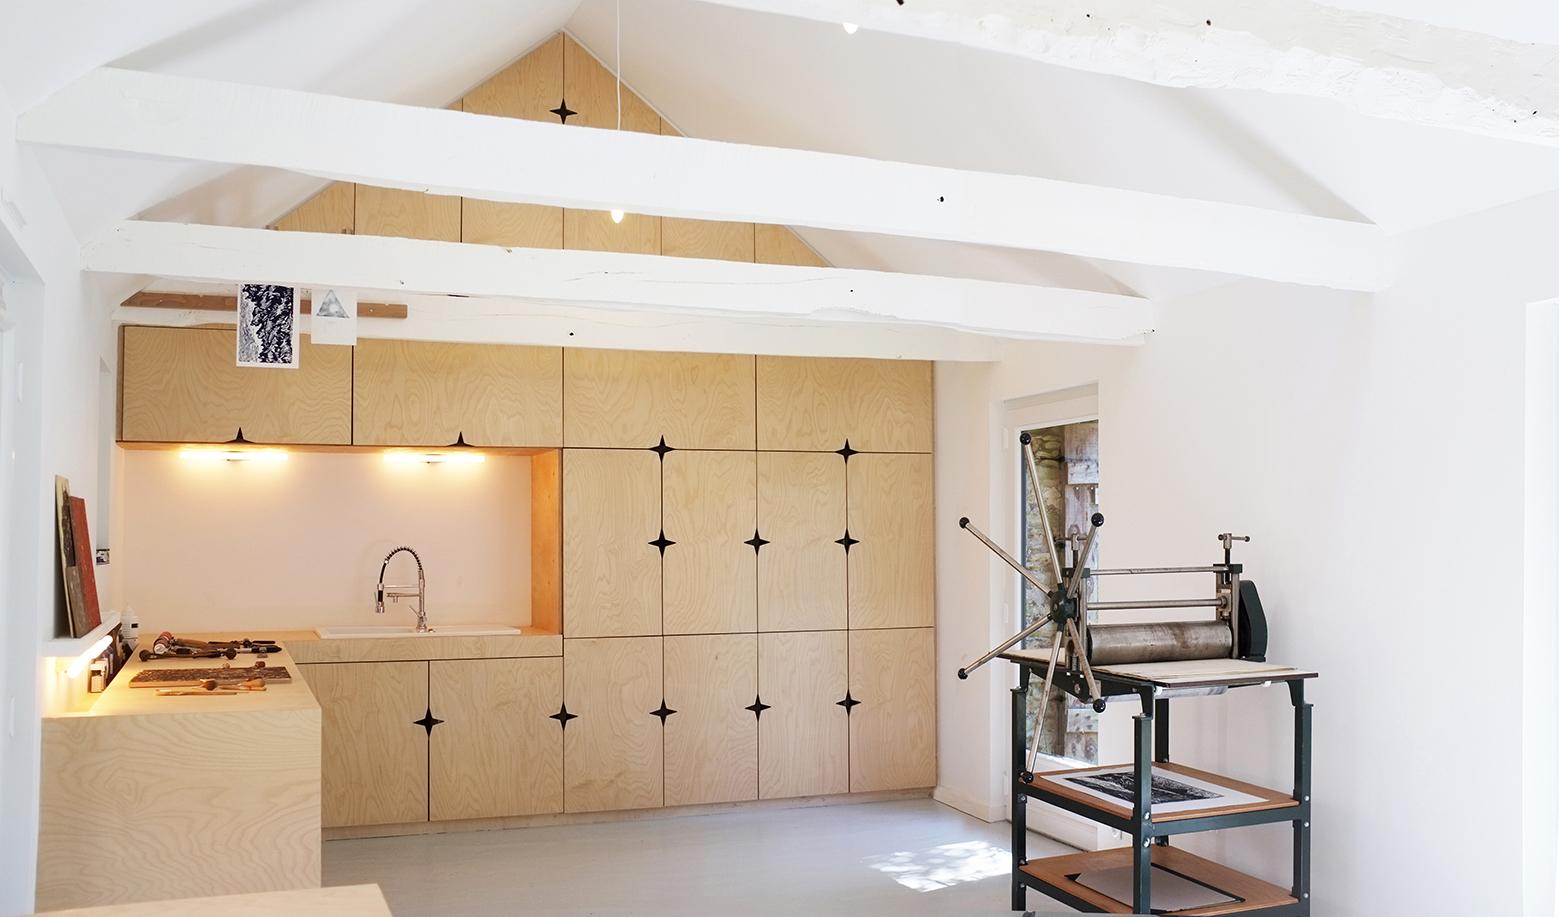 Atelier d'Artiste / Modal Architecture (18)